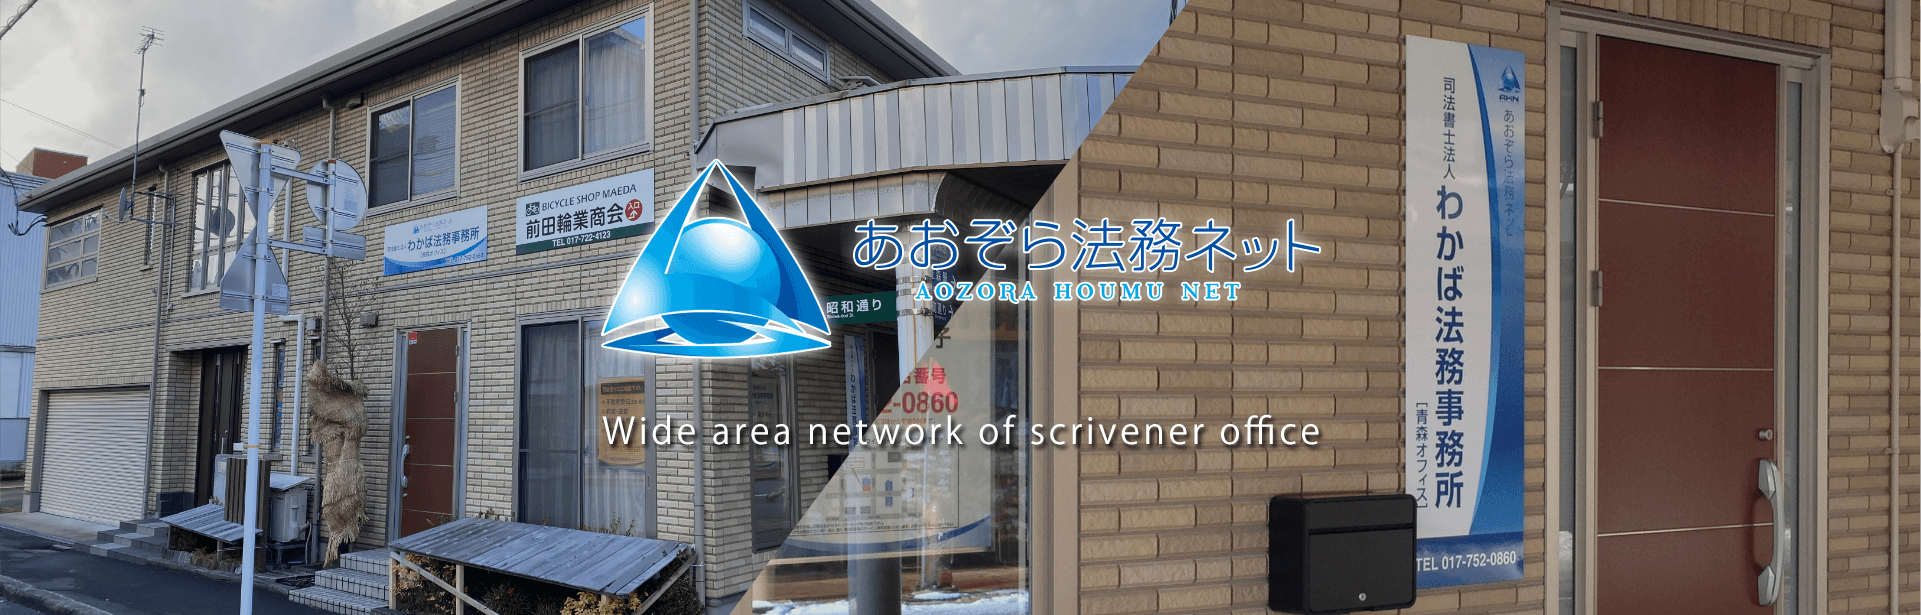 青森県内の司法書士有志で組織する、司法書士事務所の広域ネットワーク